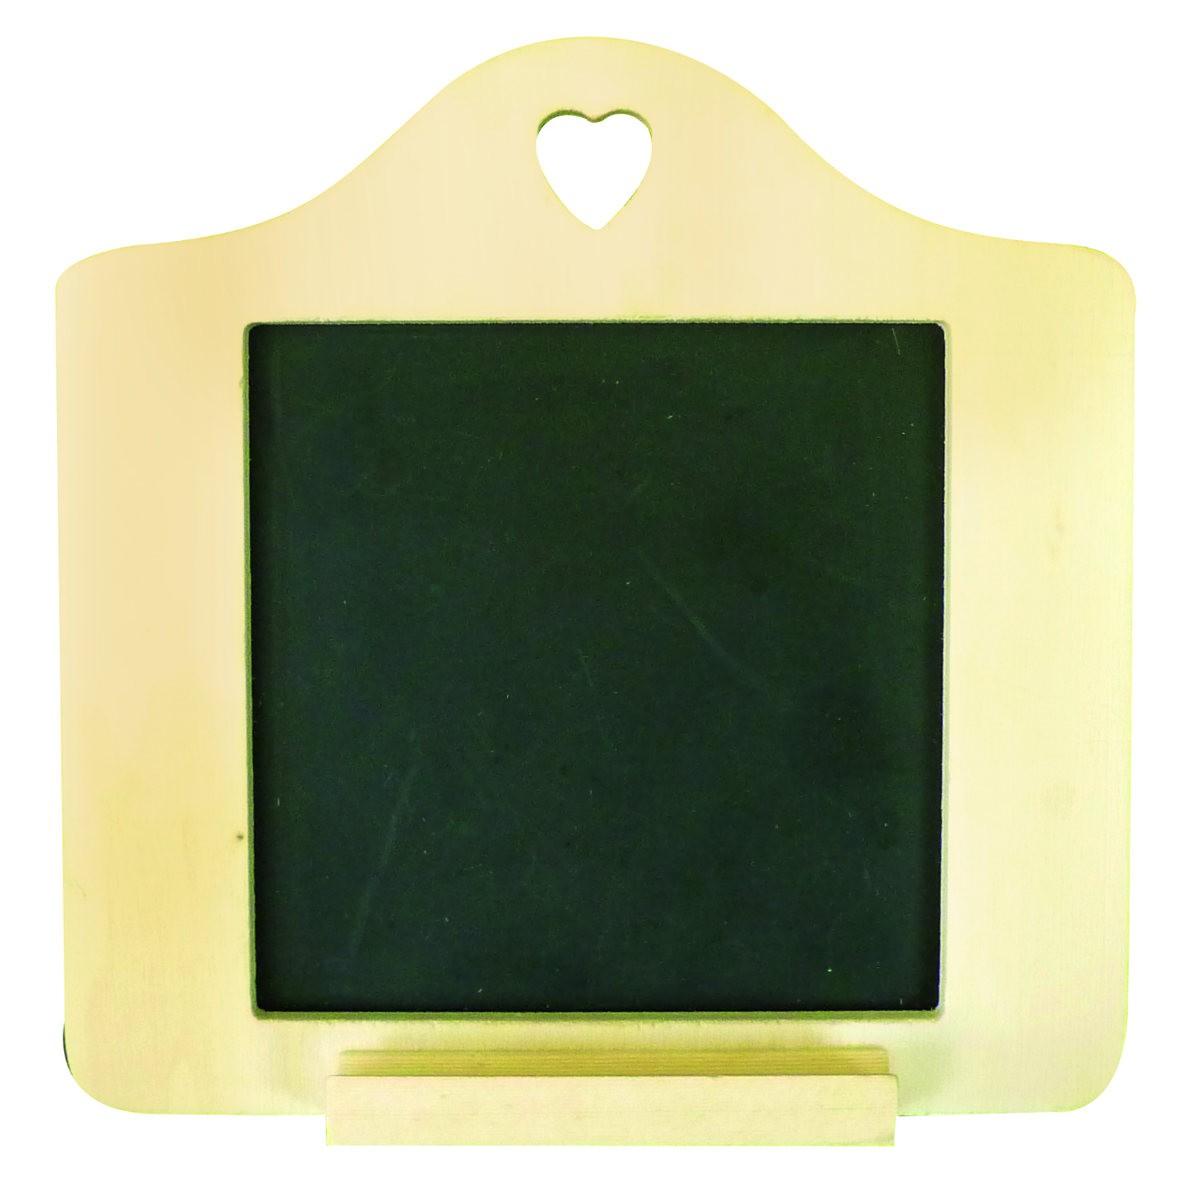 Mini Schiefertafel - kleine Tafel zum Aufhängen, Holz-Rahmen zum ...